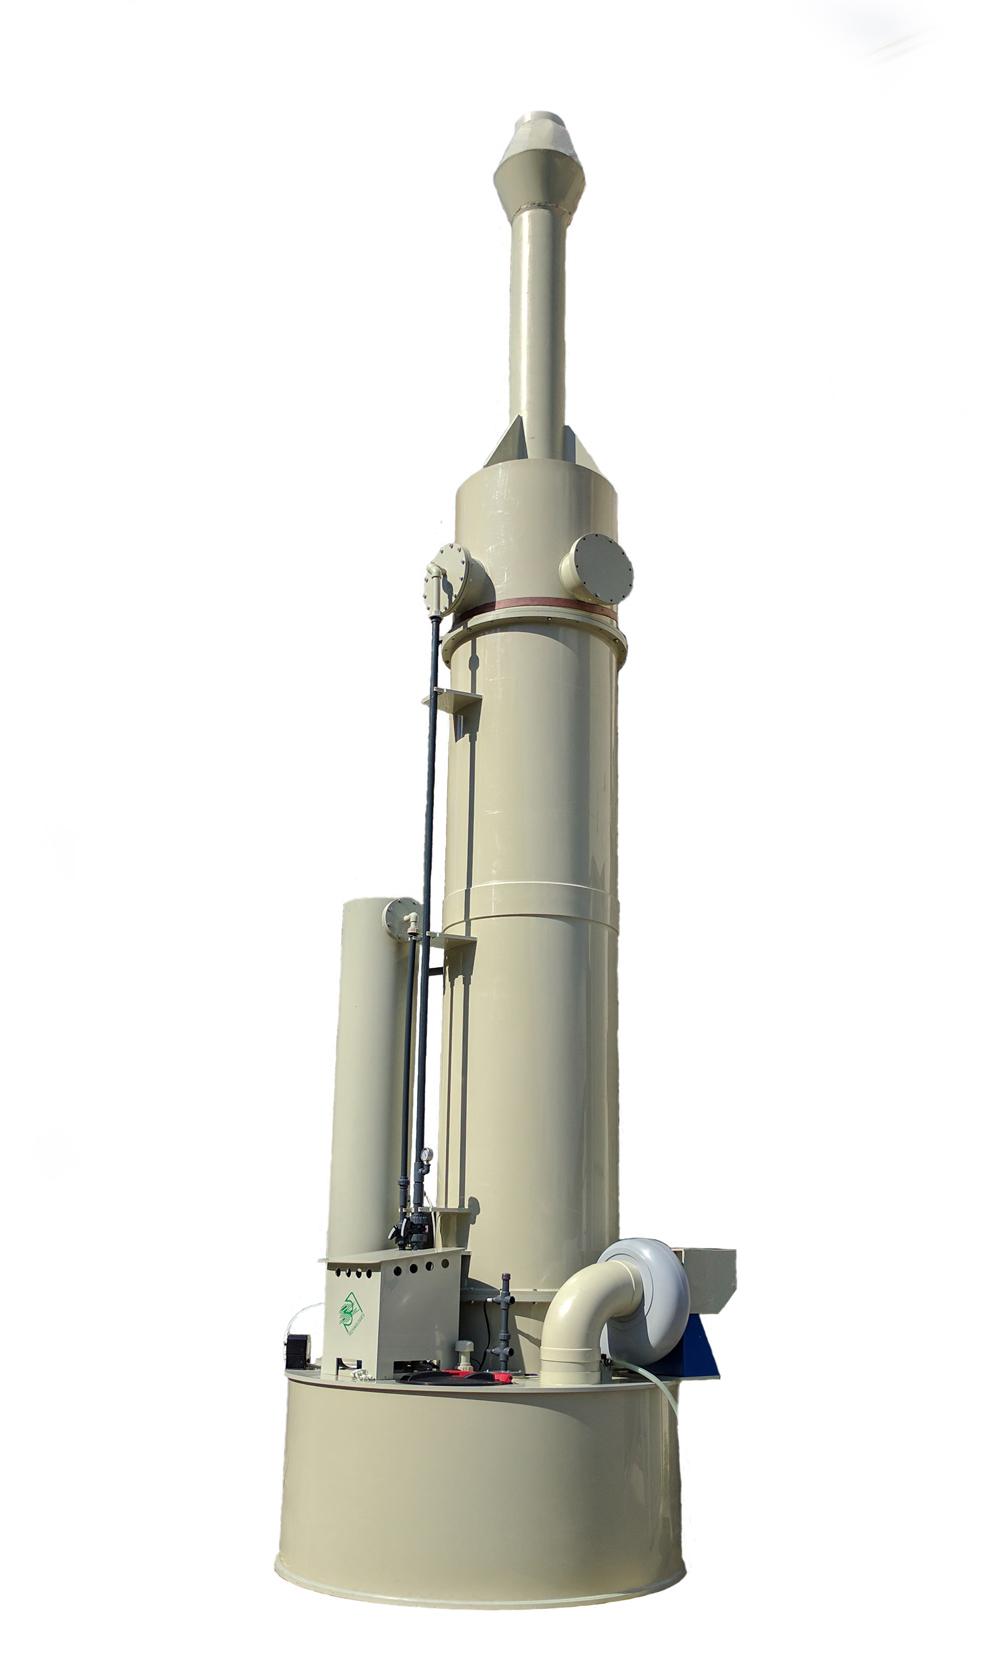 BT-SCRB-900-AUT